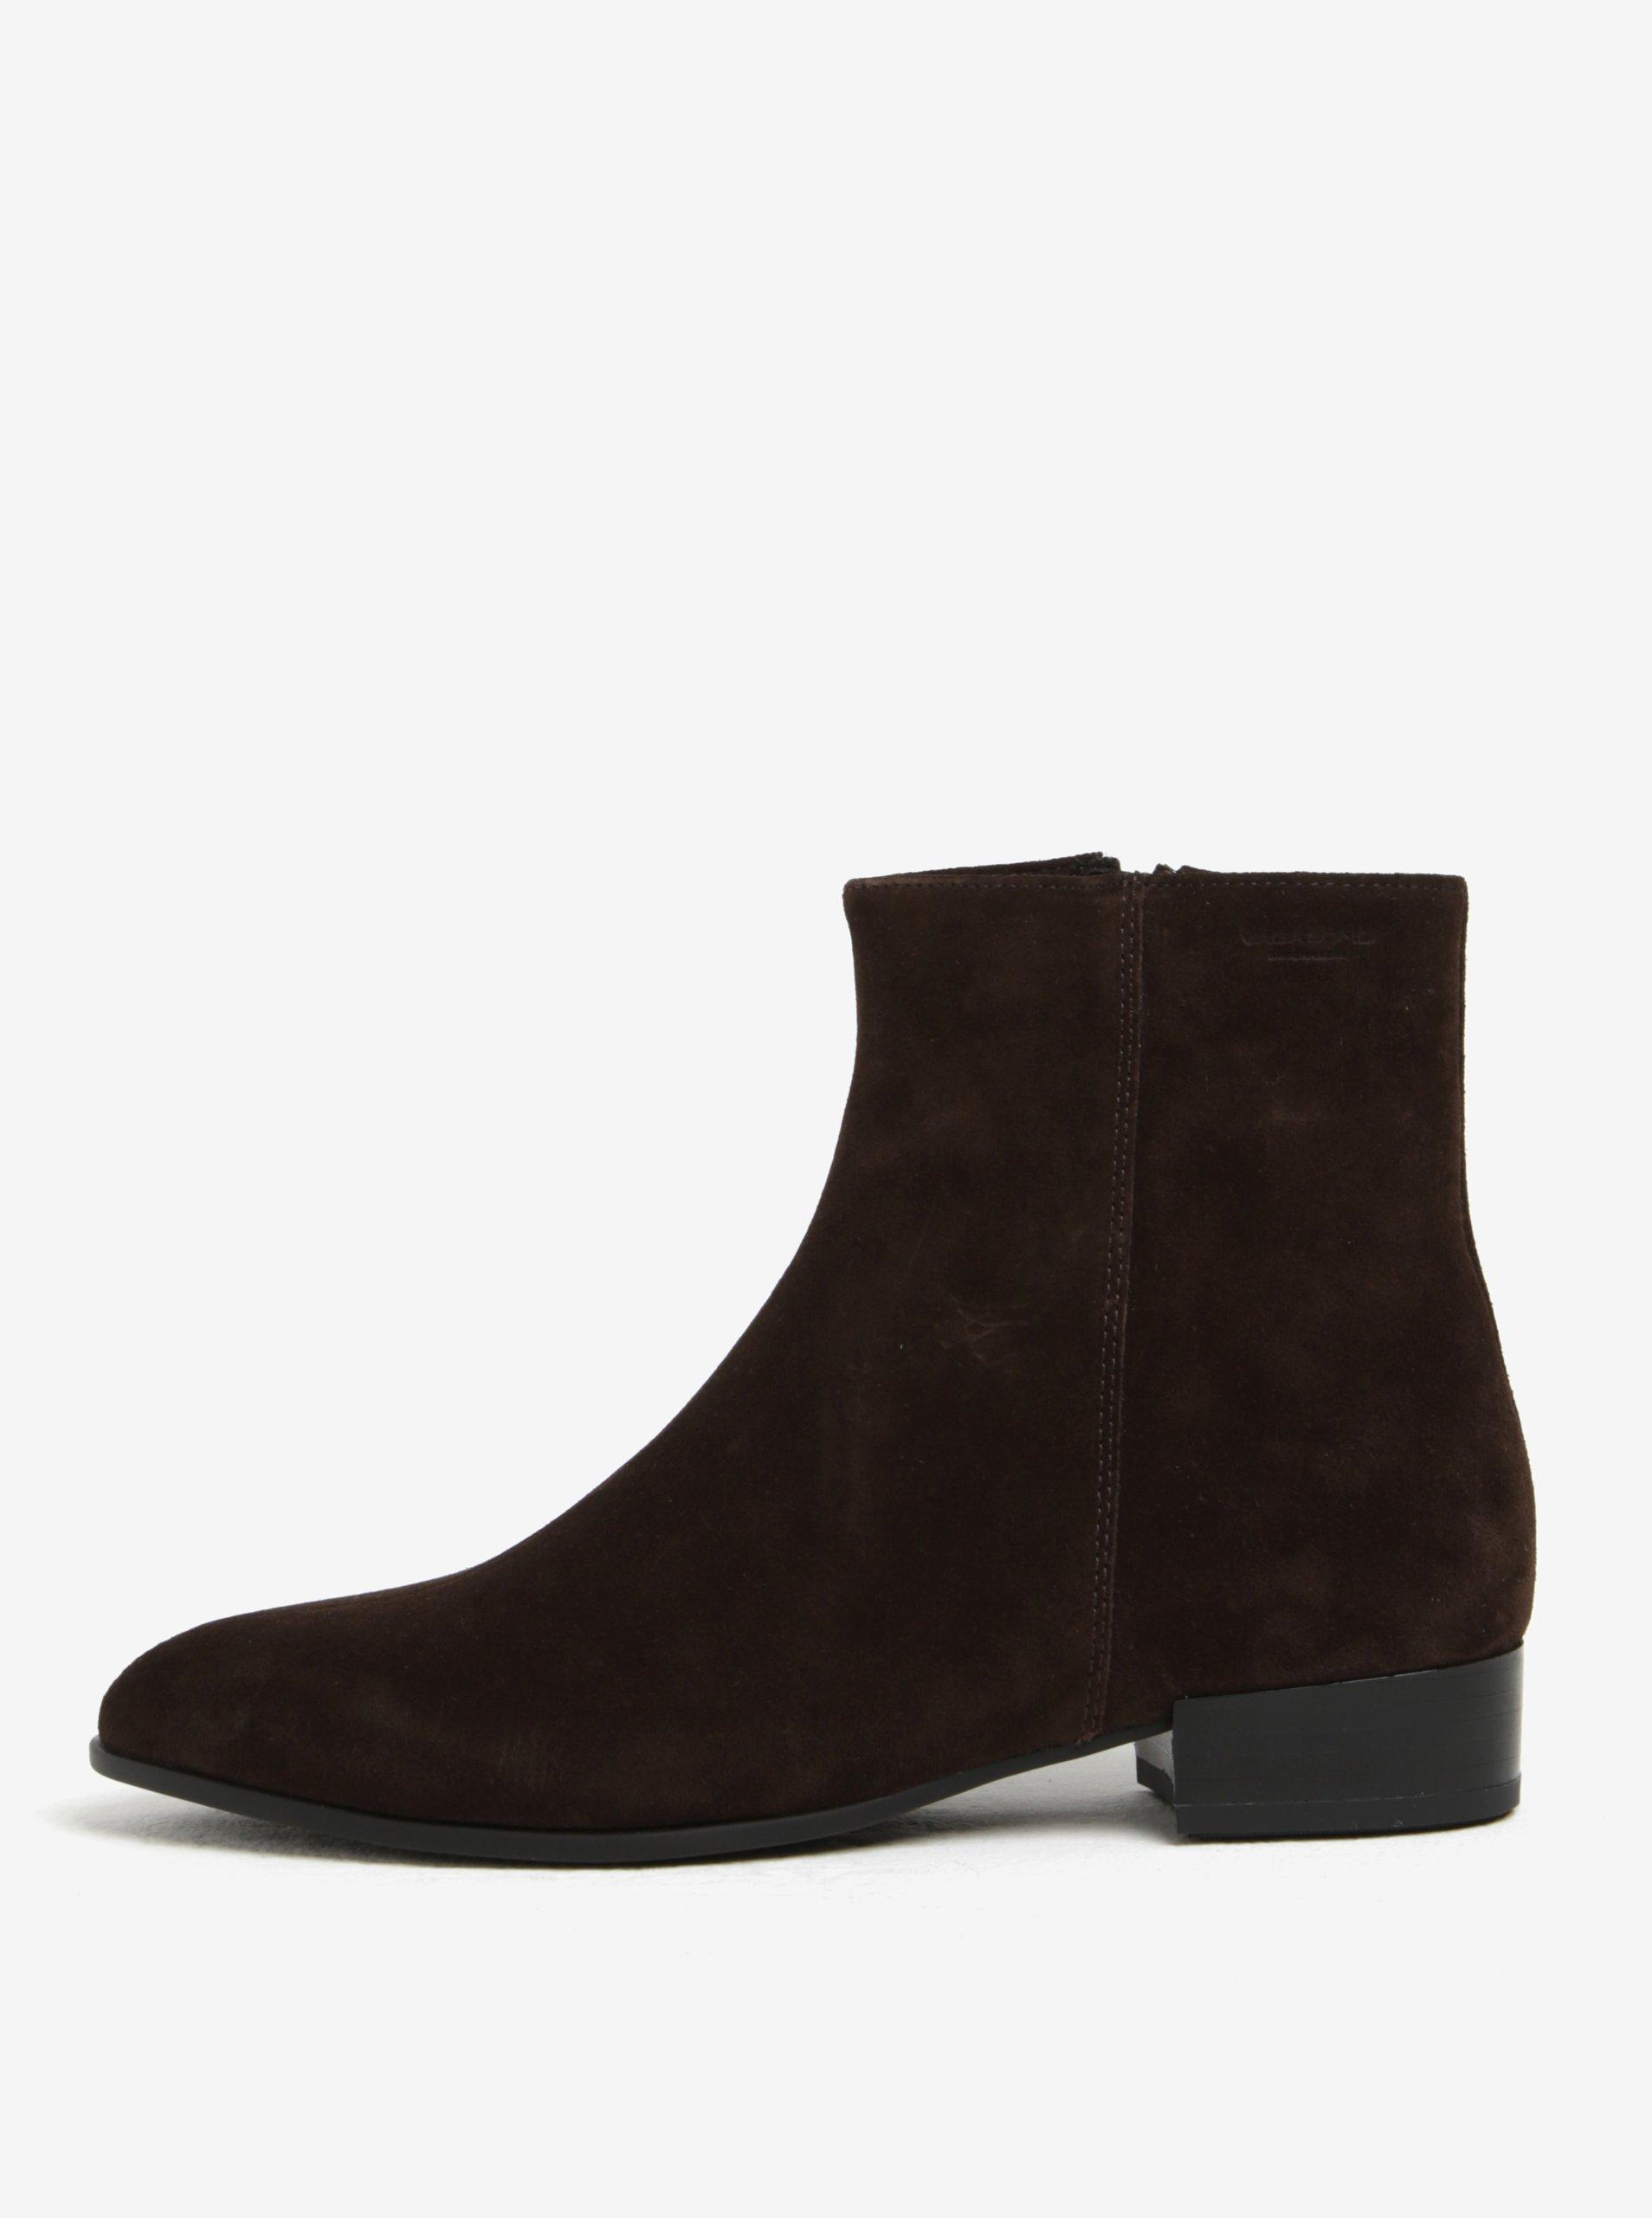 Tmavě hnědé dámské semišové kotníkové boty Vagabond Gigi